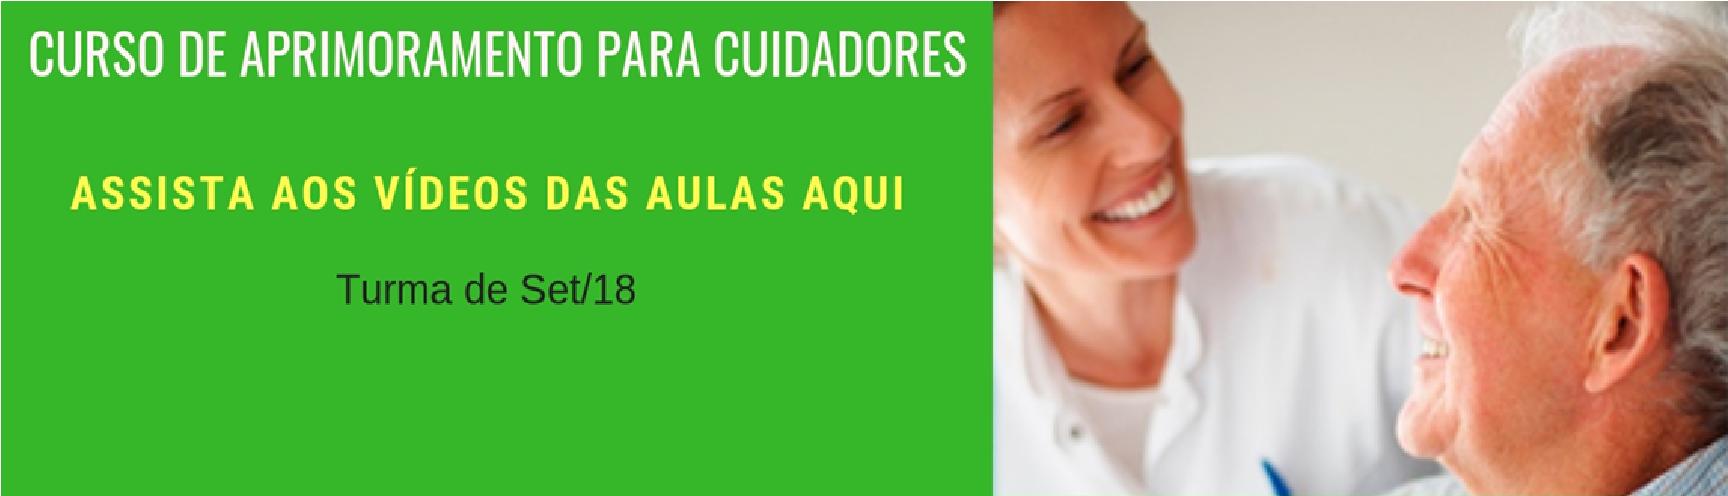 video_cuidad